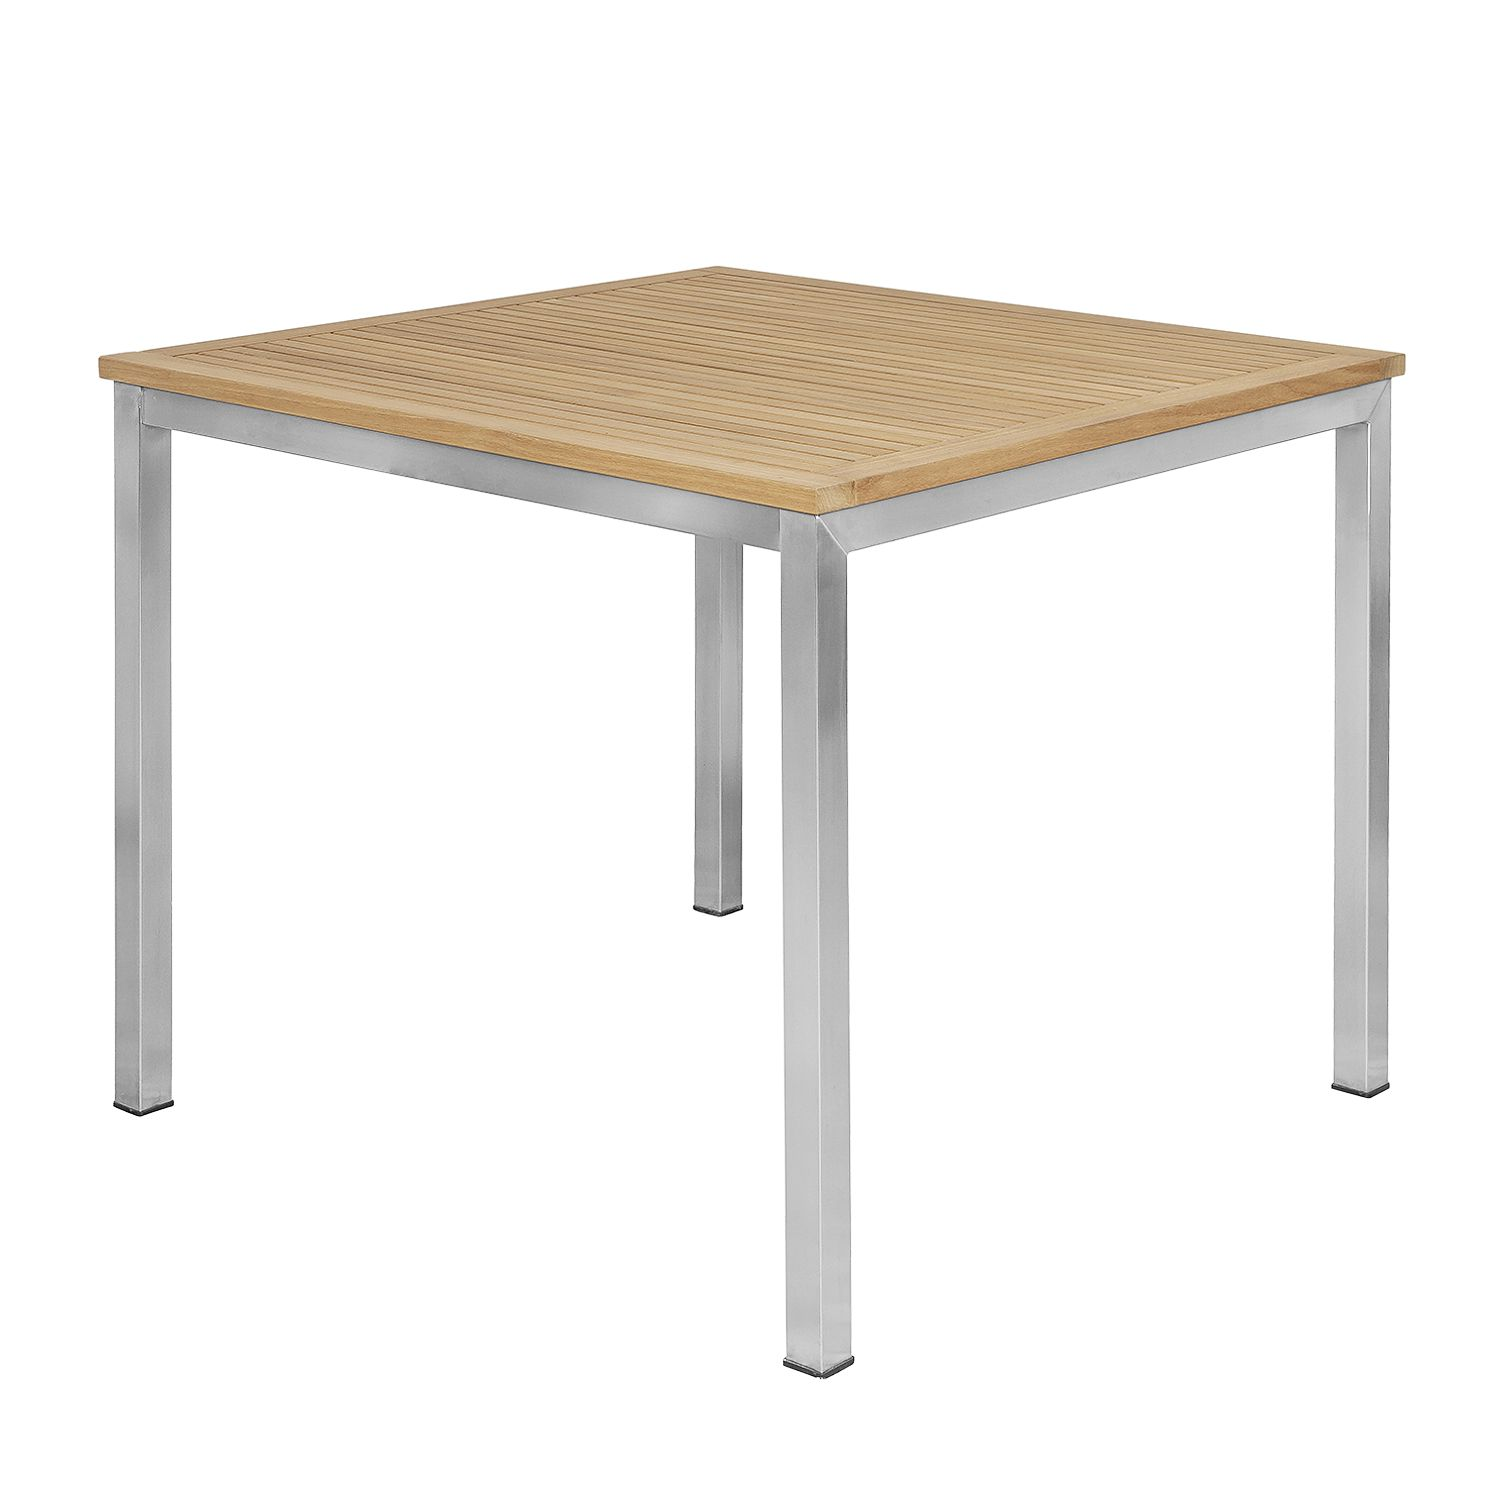 Table de jardin Teakline Exclusif I